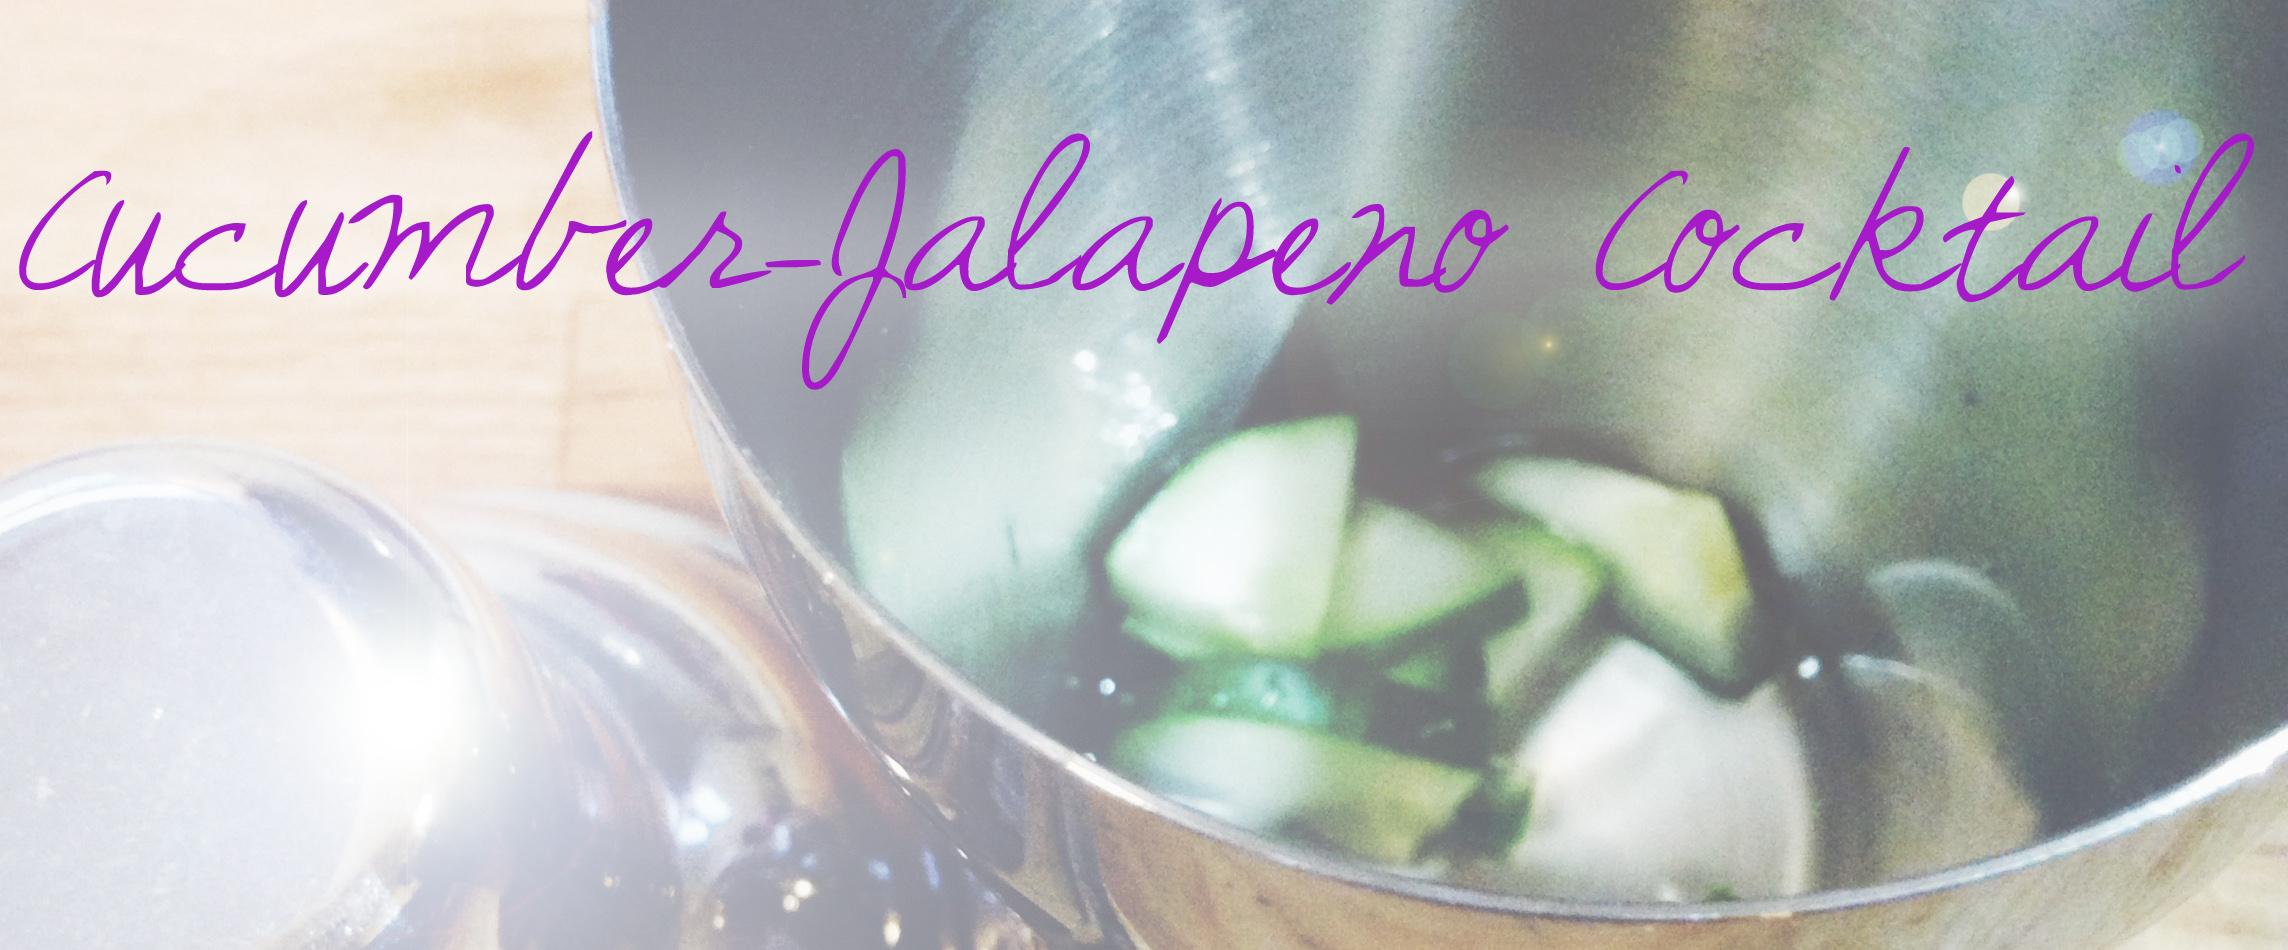 cucumber- jalapeño cocktail